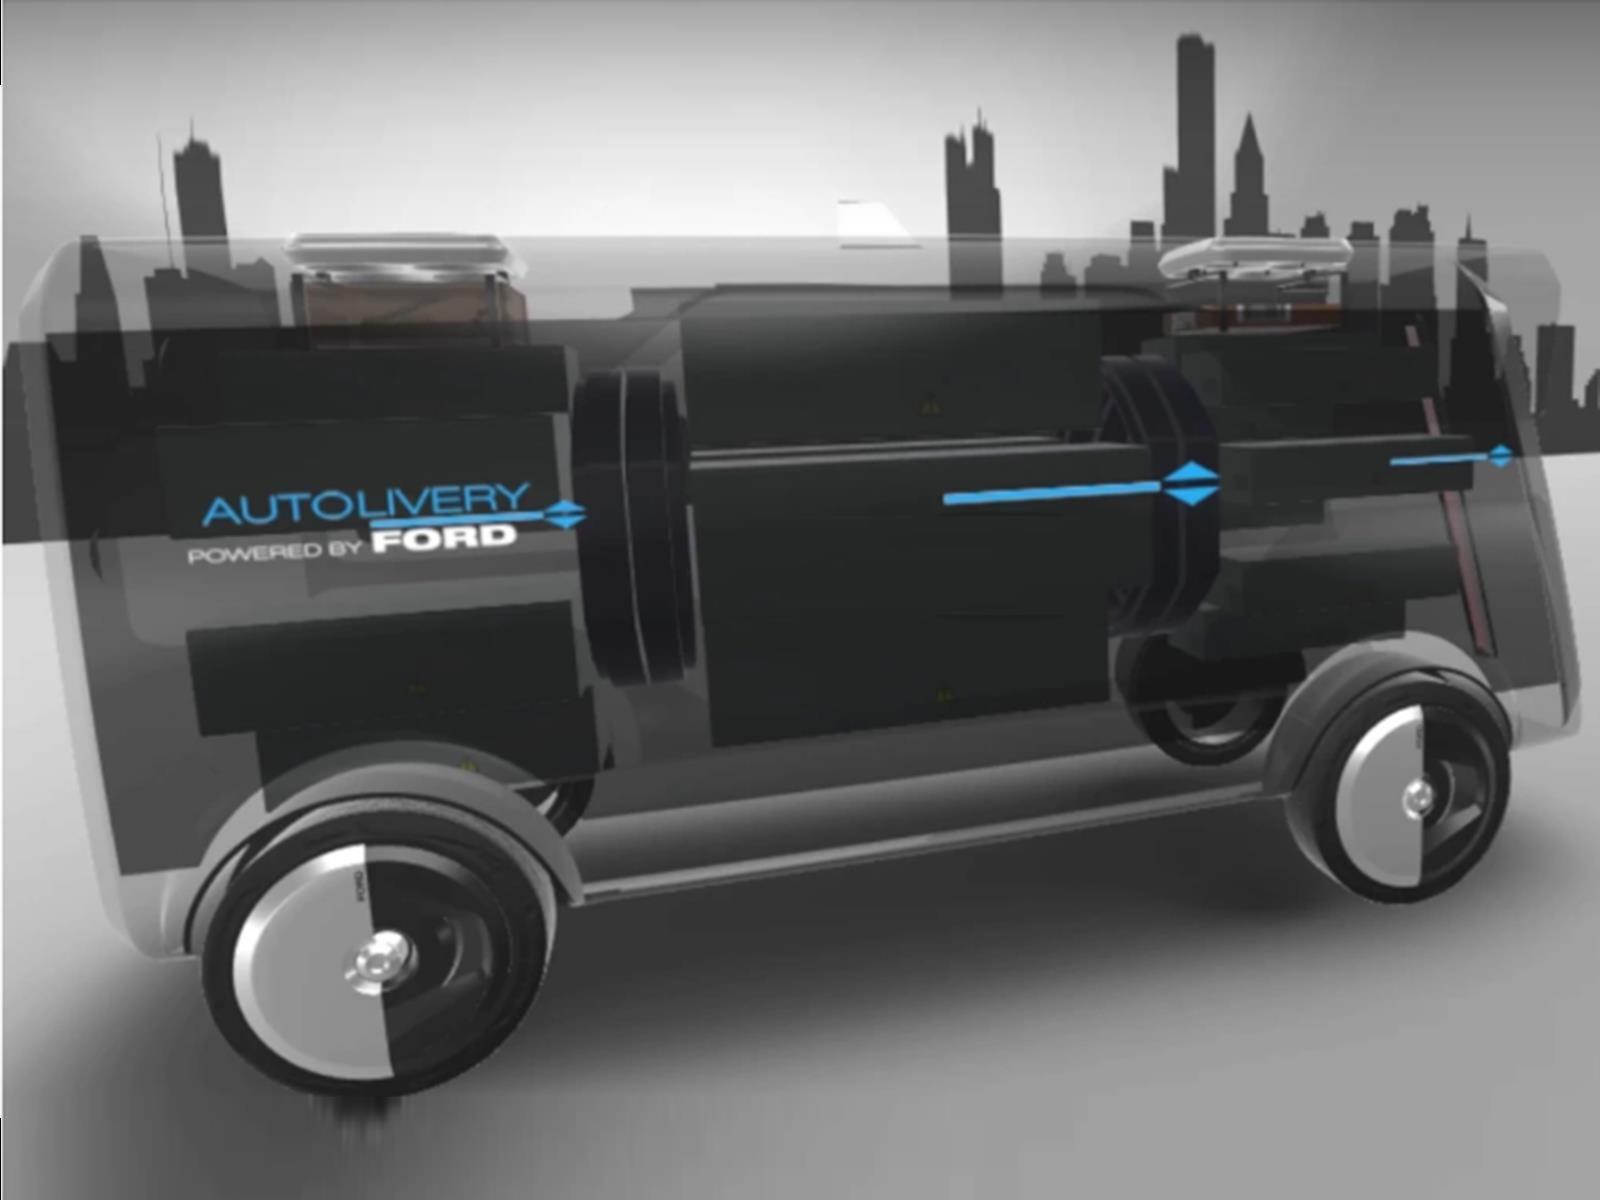 Ford tiene una idea muy particular de cómo serán los delivery en el futuro